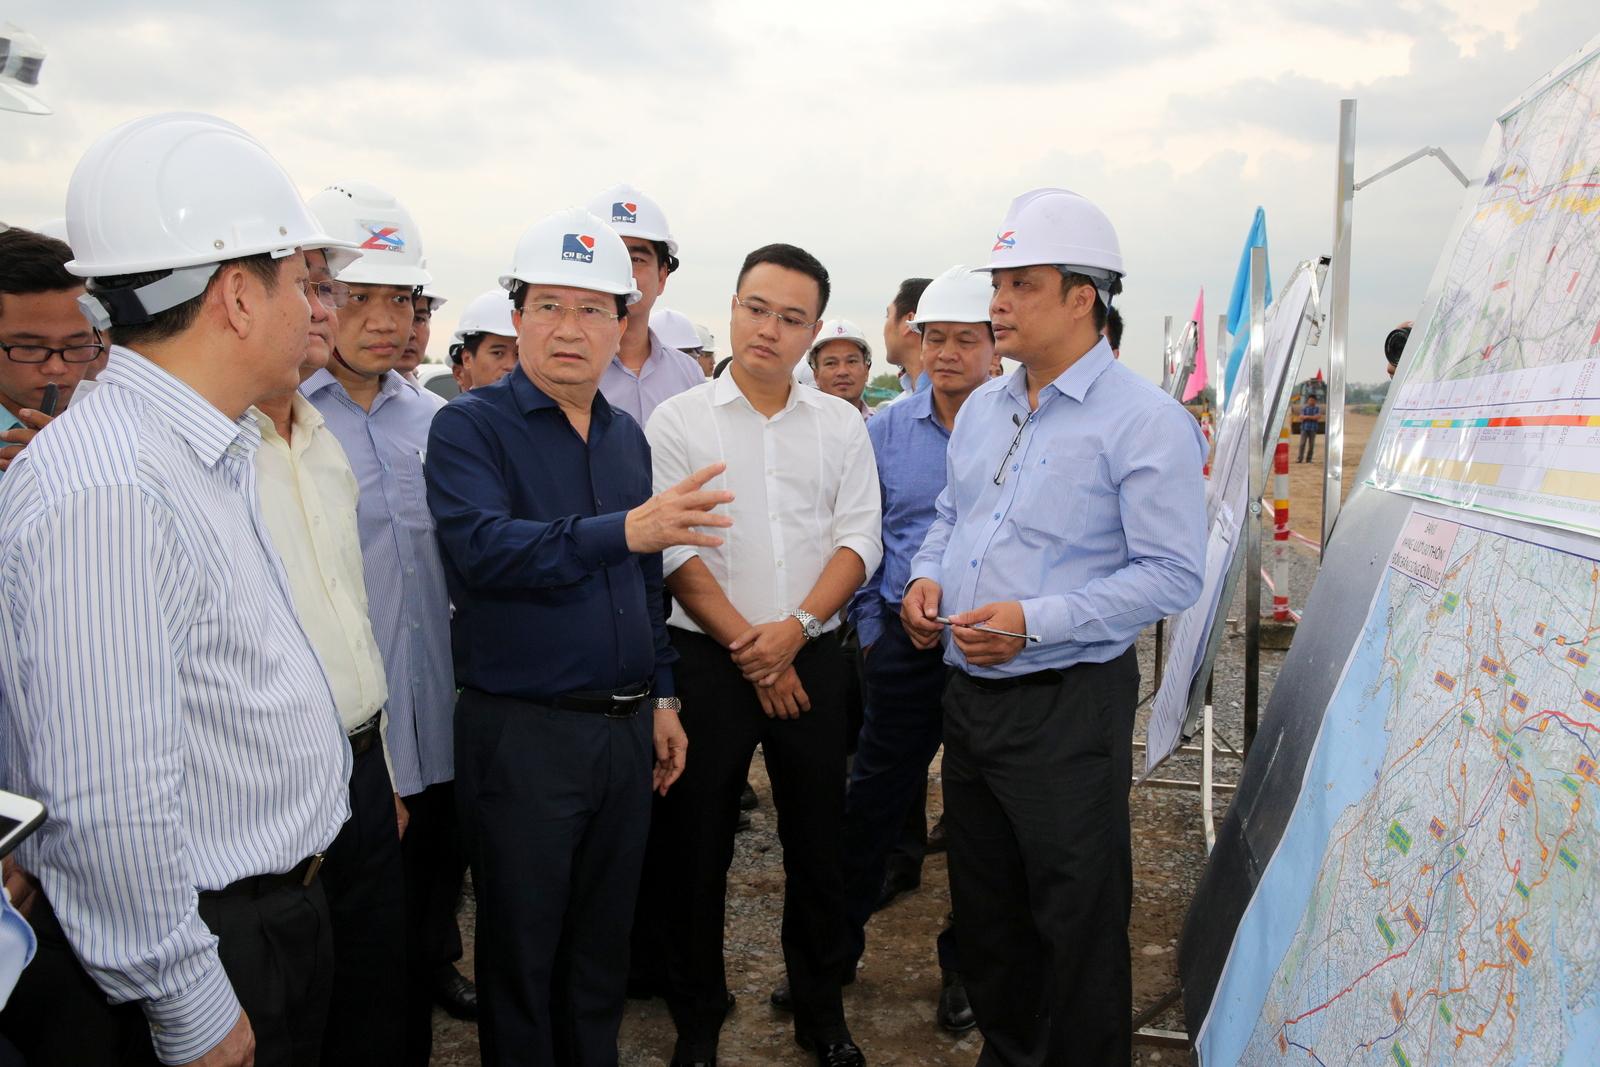 Năm 2020 phải nối thông tuyến cao tốc Thành phố Hồ Chí Minh - Cần Thơ